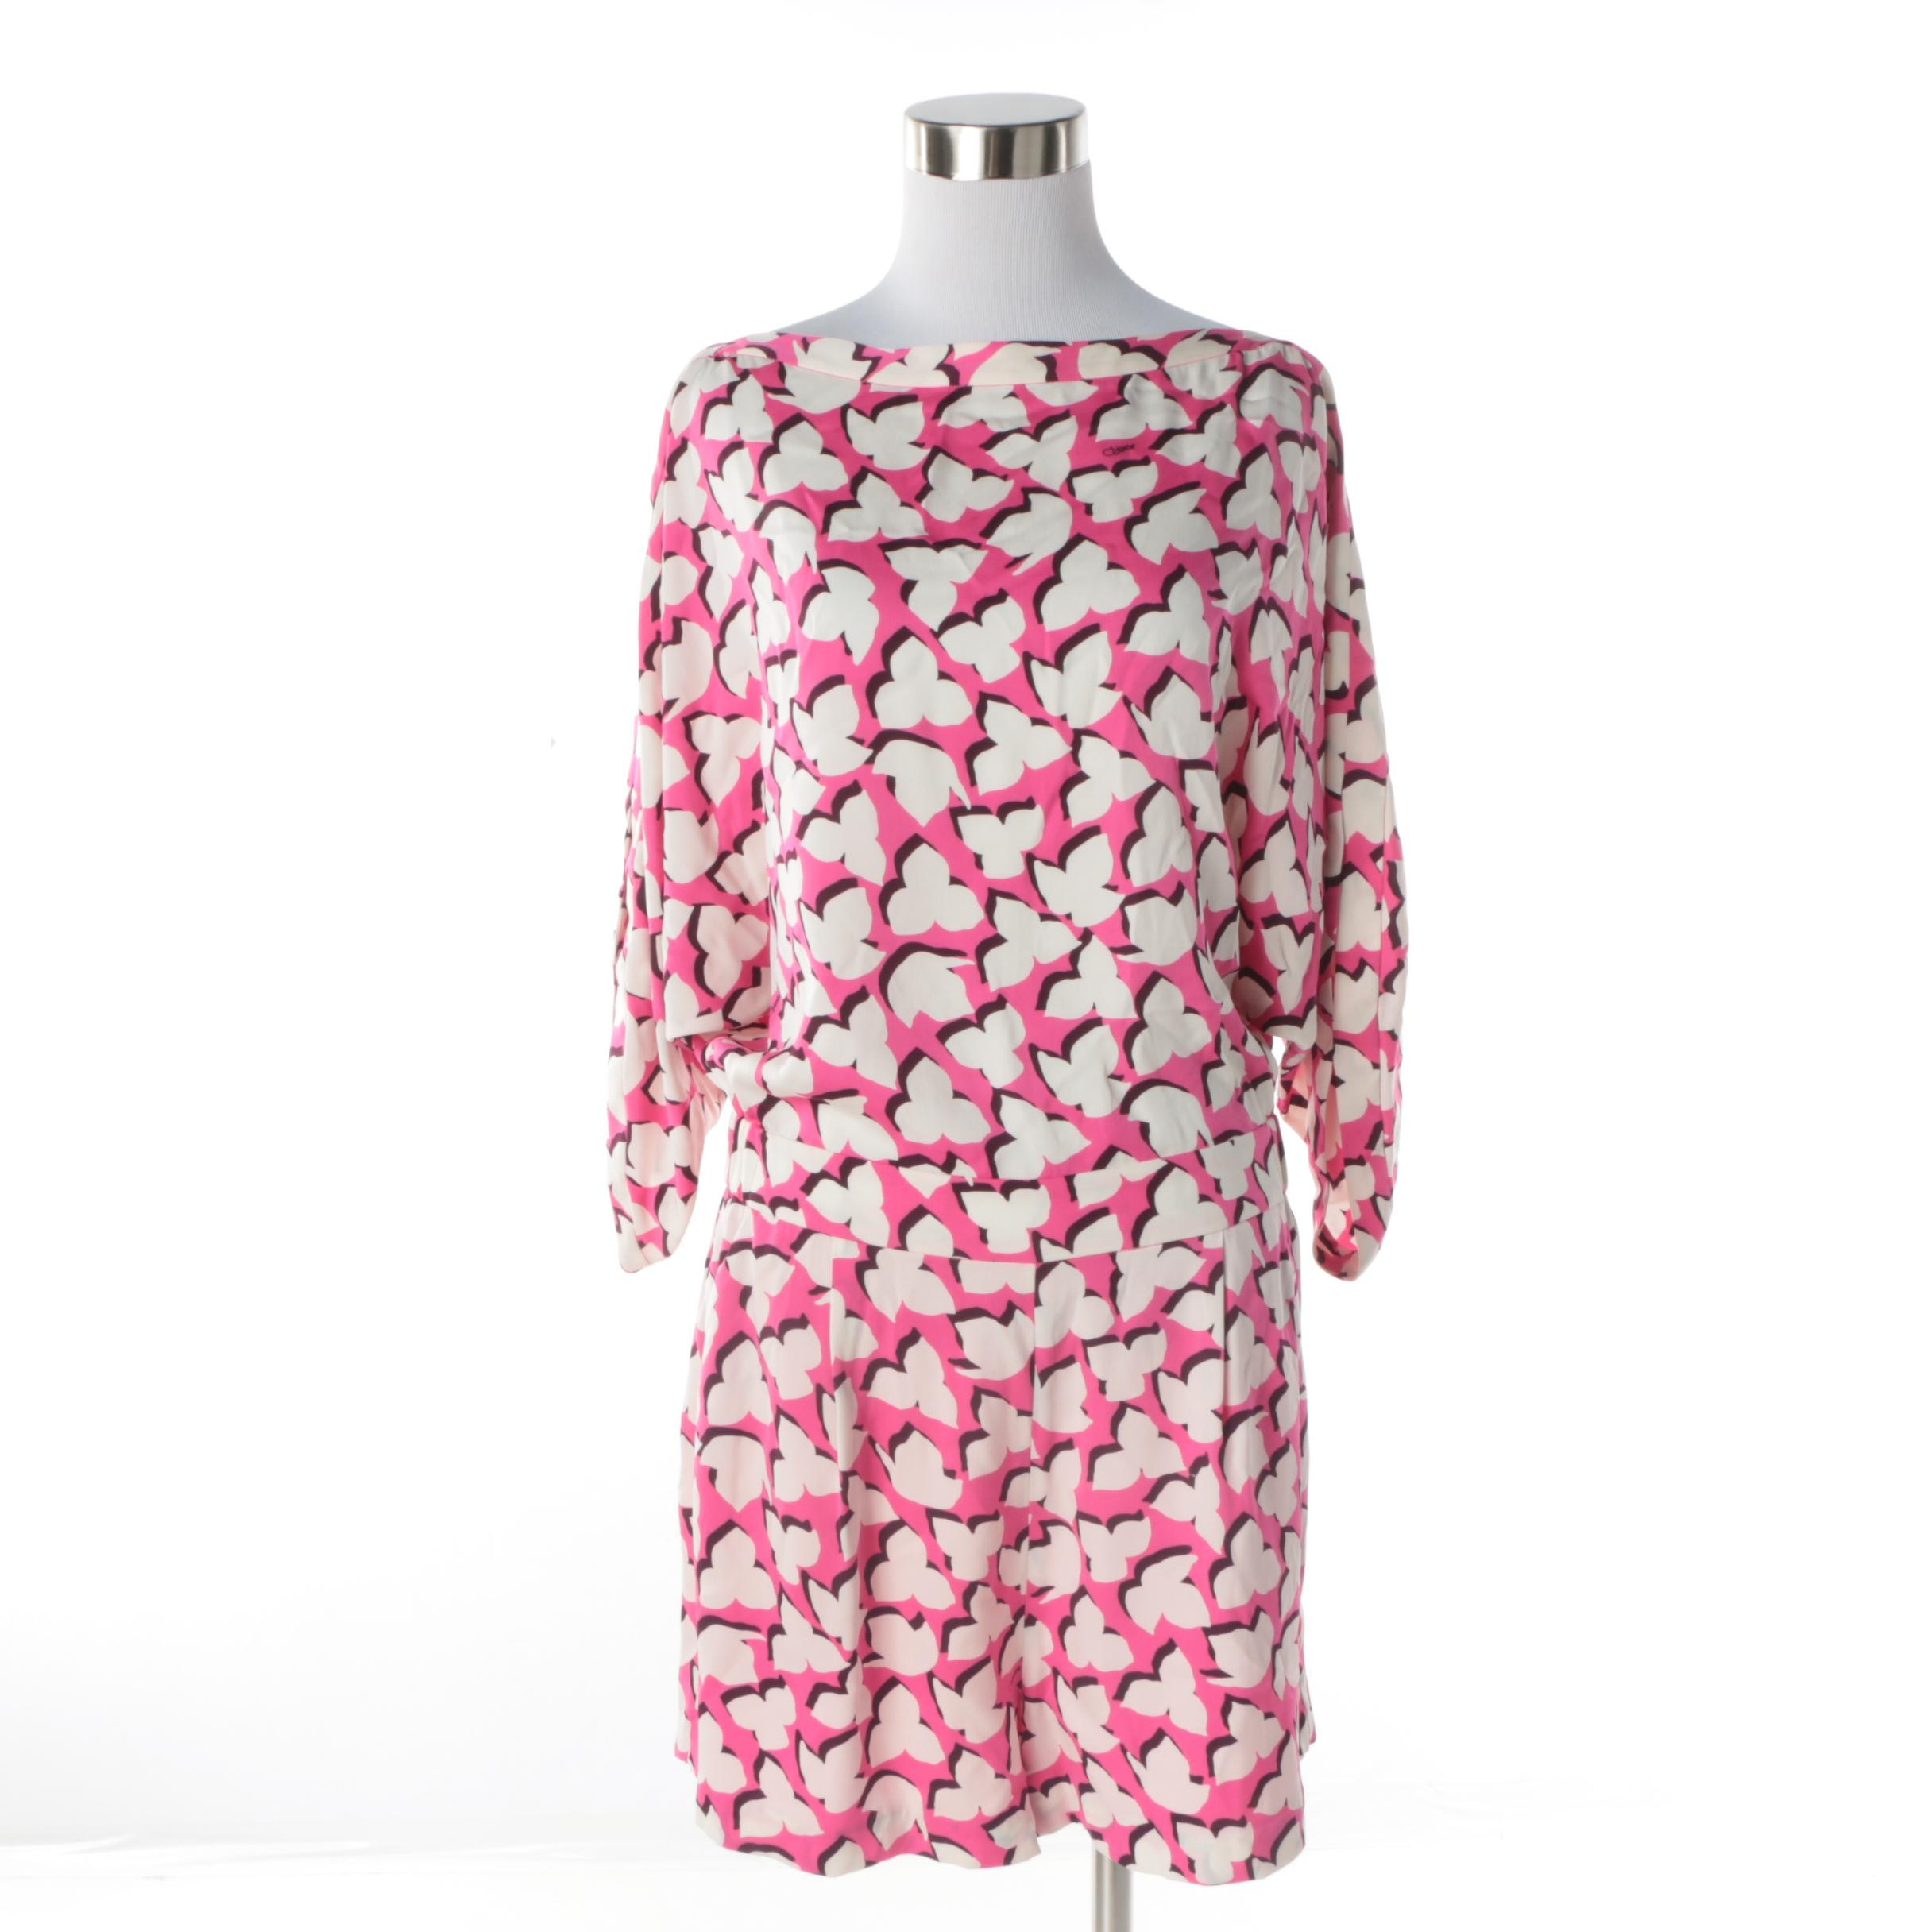 Diane von Furstenberg Soleil Floral Shadows Pink Romper in Silk Blend